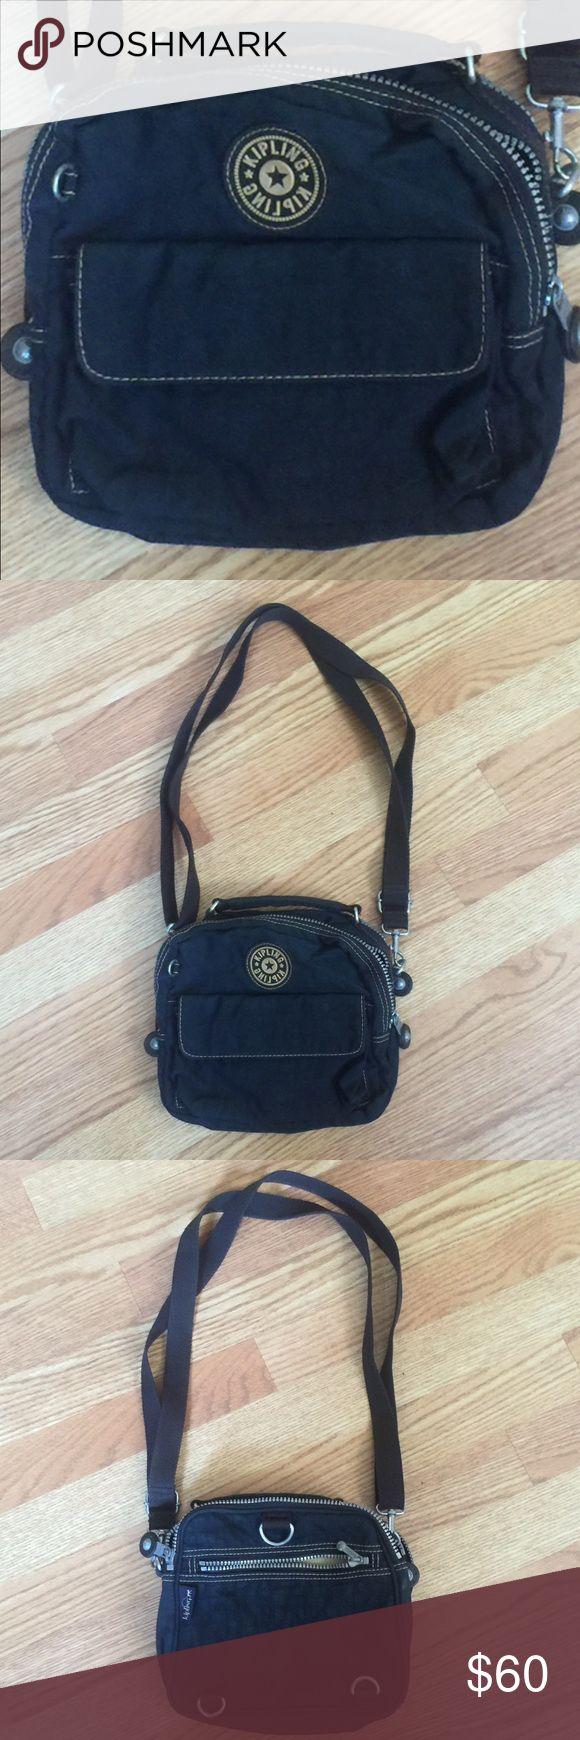 Kipling bag excellent condition Kipling Bags